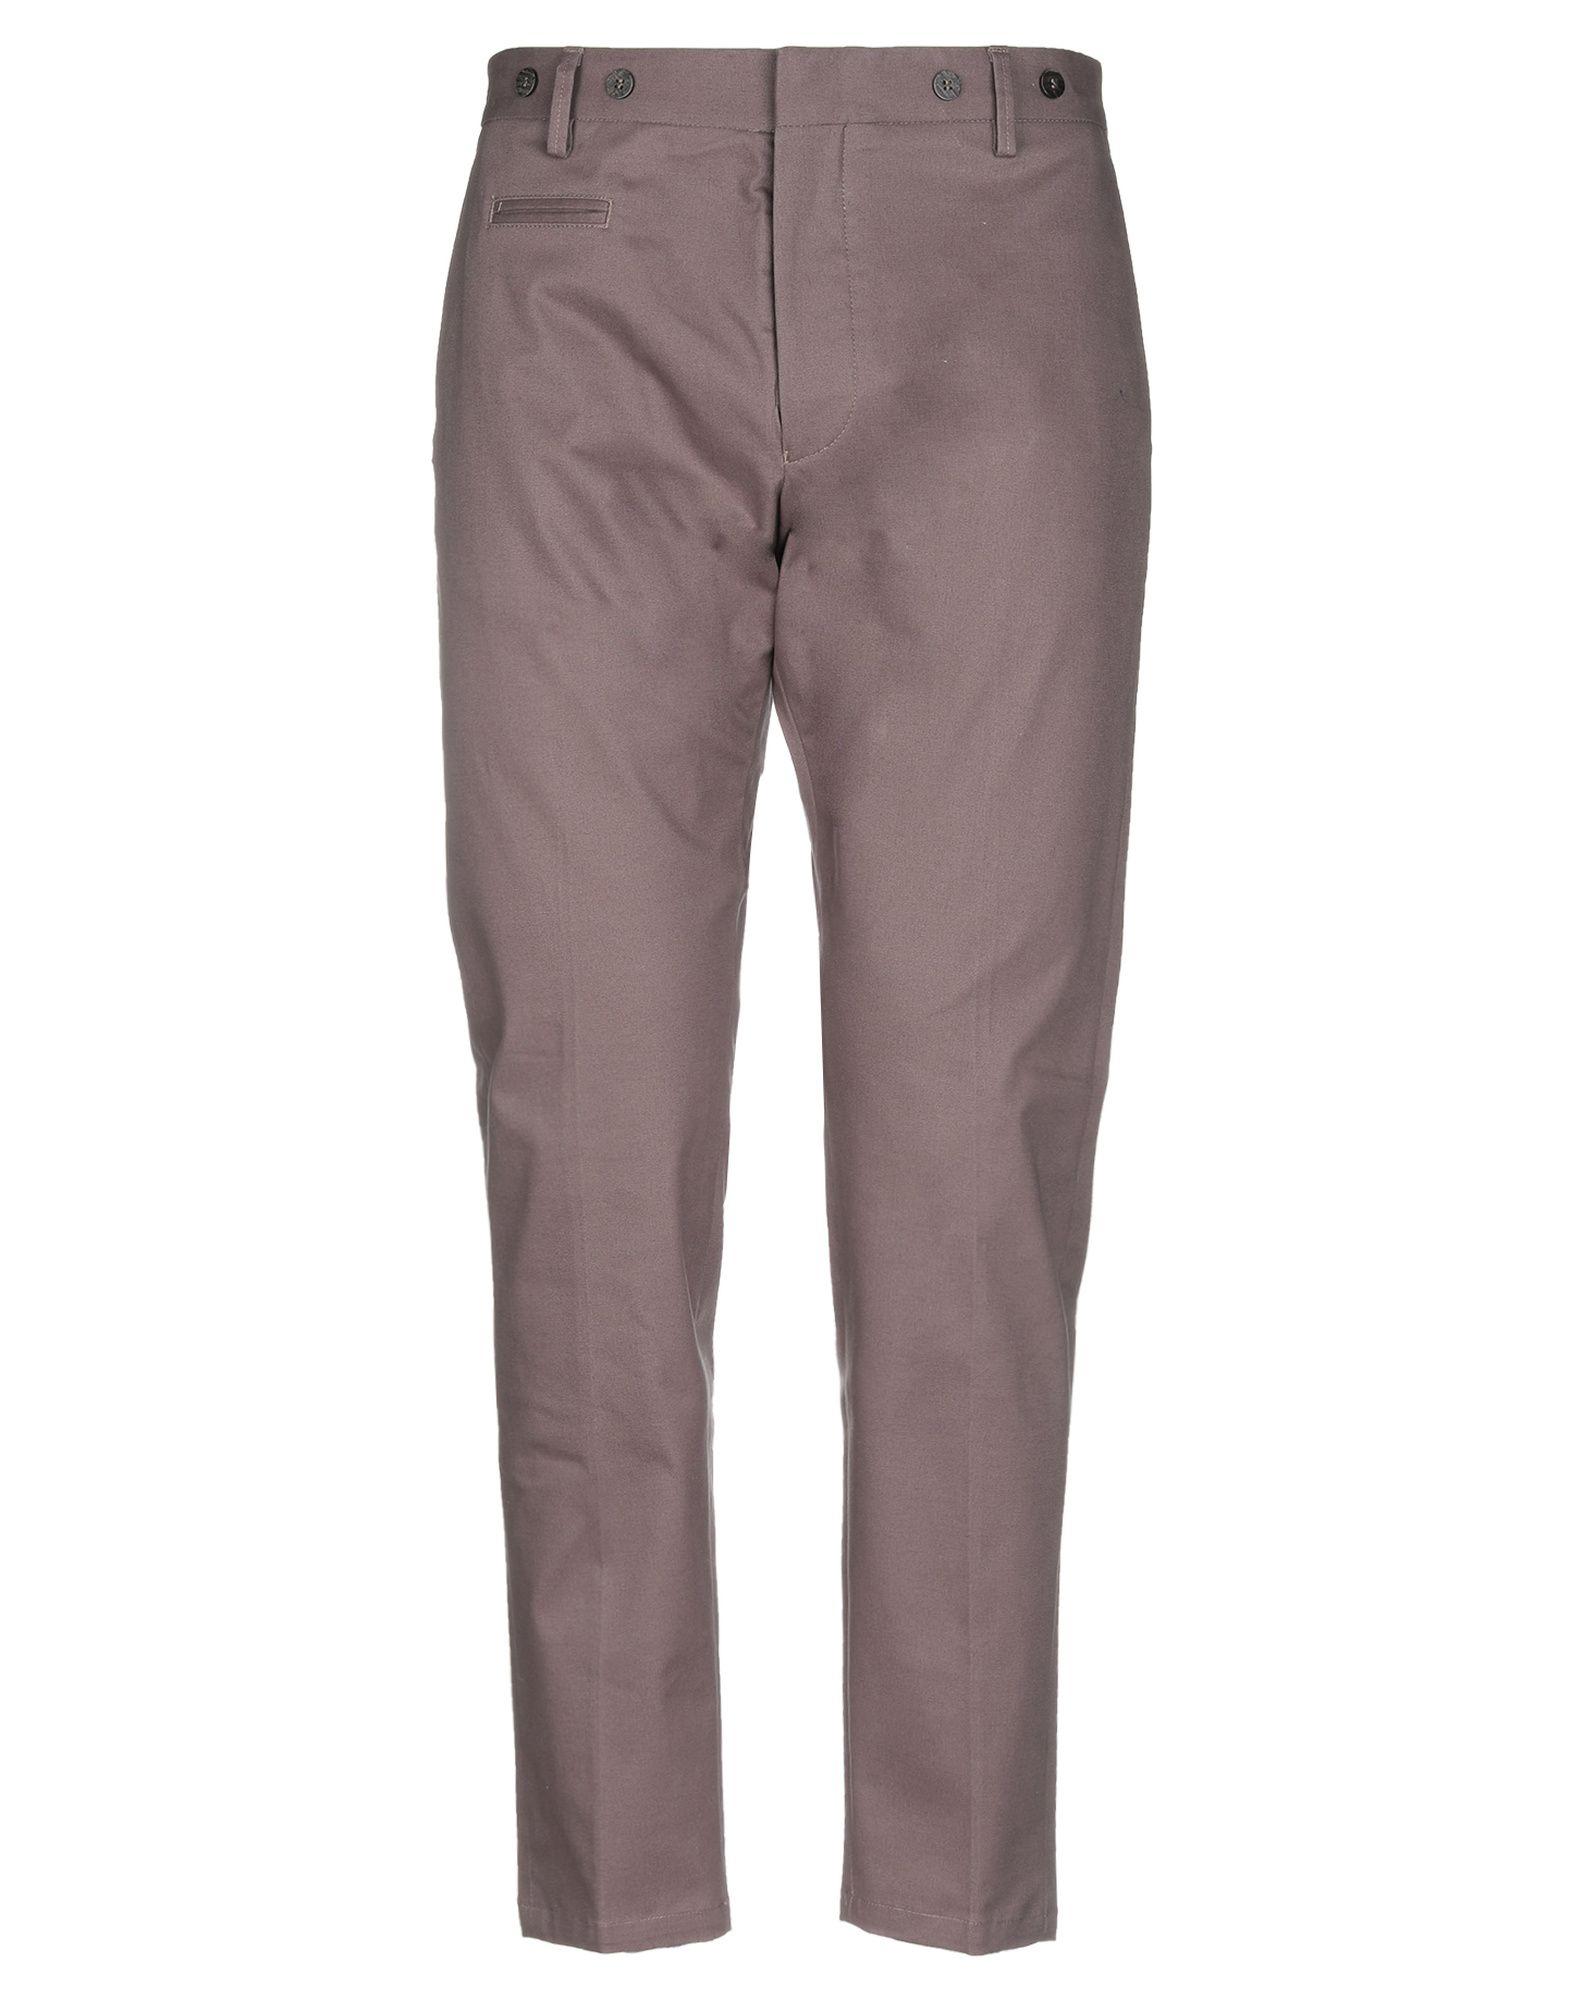 Pantalone Messagerie uomo uomo uomo - 13291233VF 20f